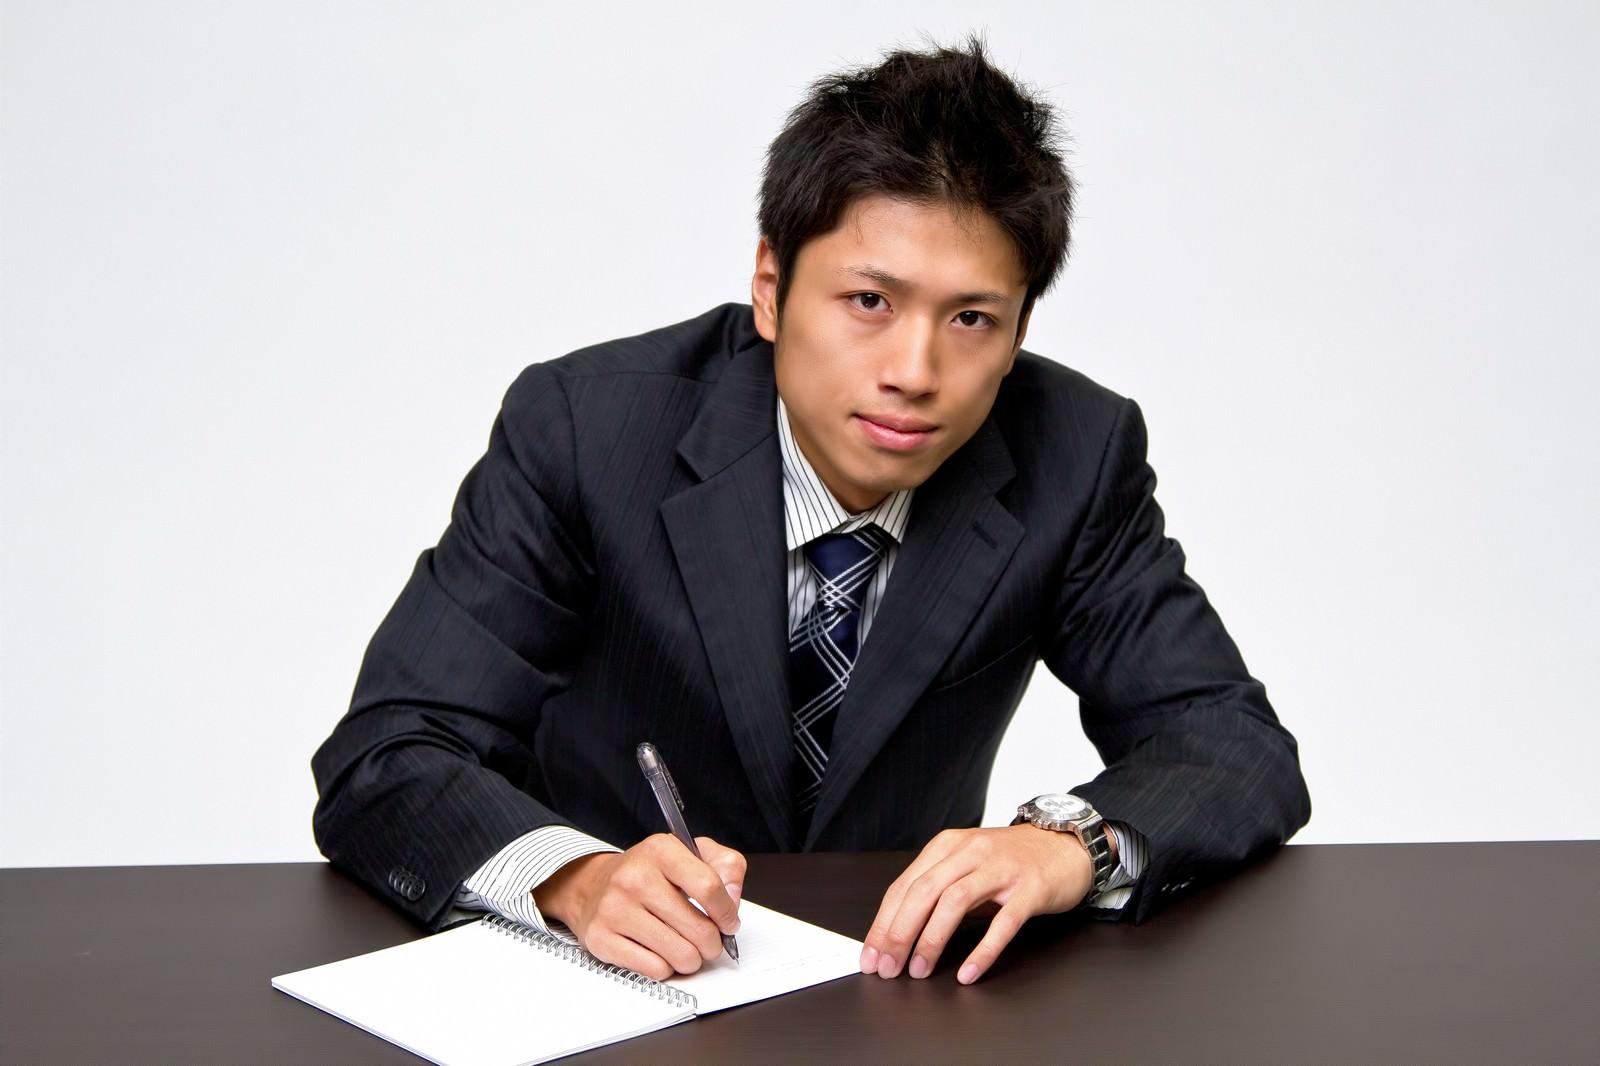 就活の作文の書き方・書き出しのコツ|就活時の作文のテーマと対策